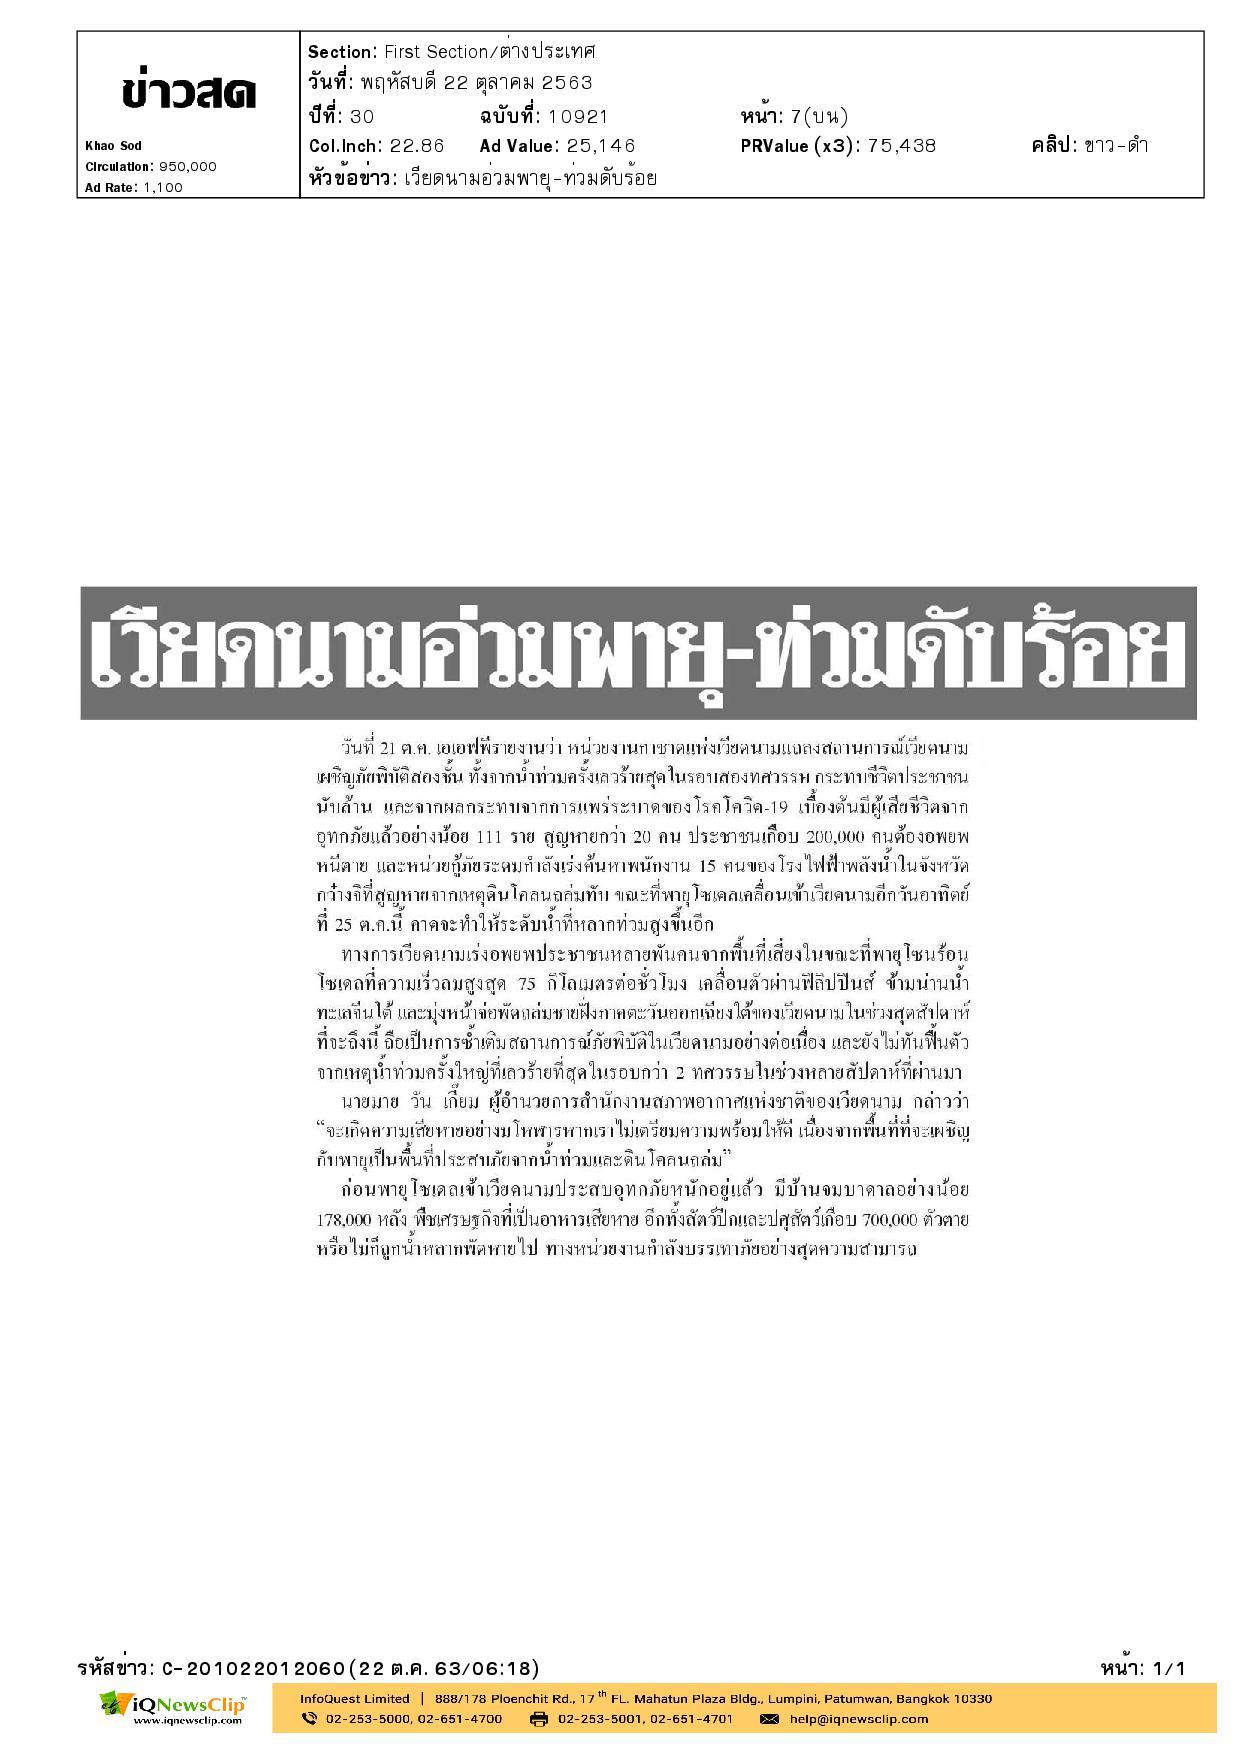 กาชาดแห่งเวียดนาม แถลงสถานการณ์การเผชิญภัยพิบัติน้ำท่วมใหญ่